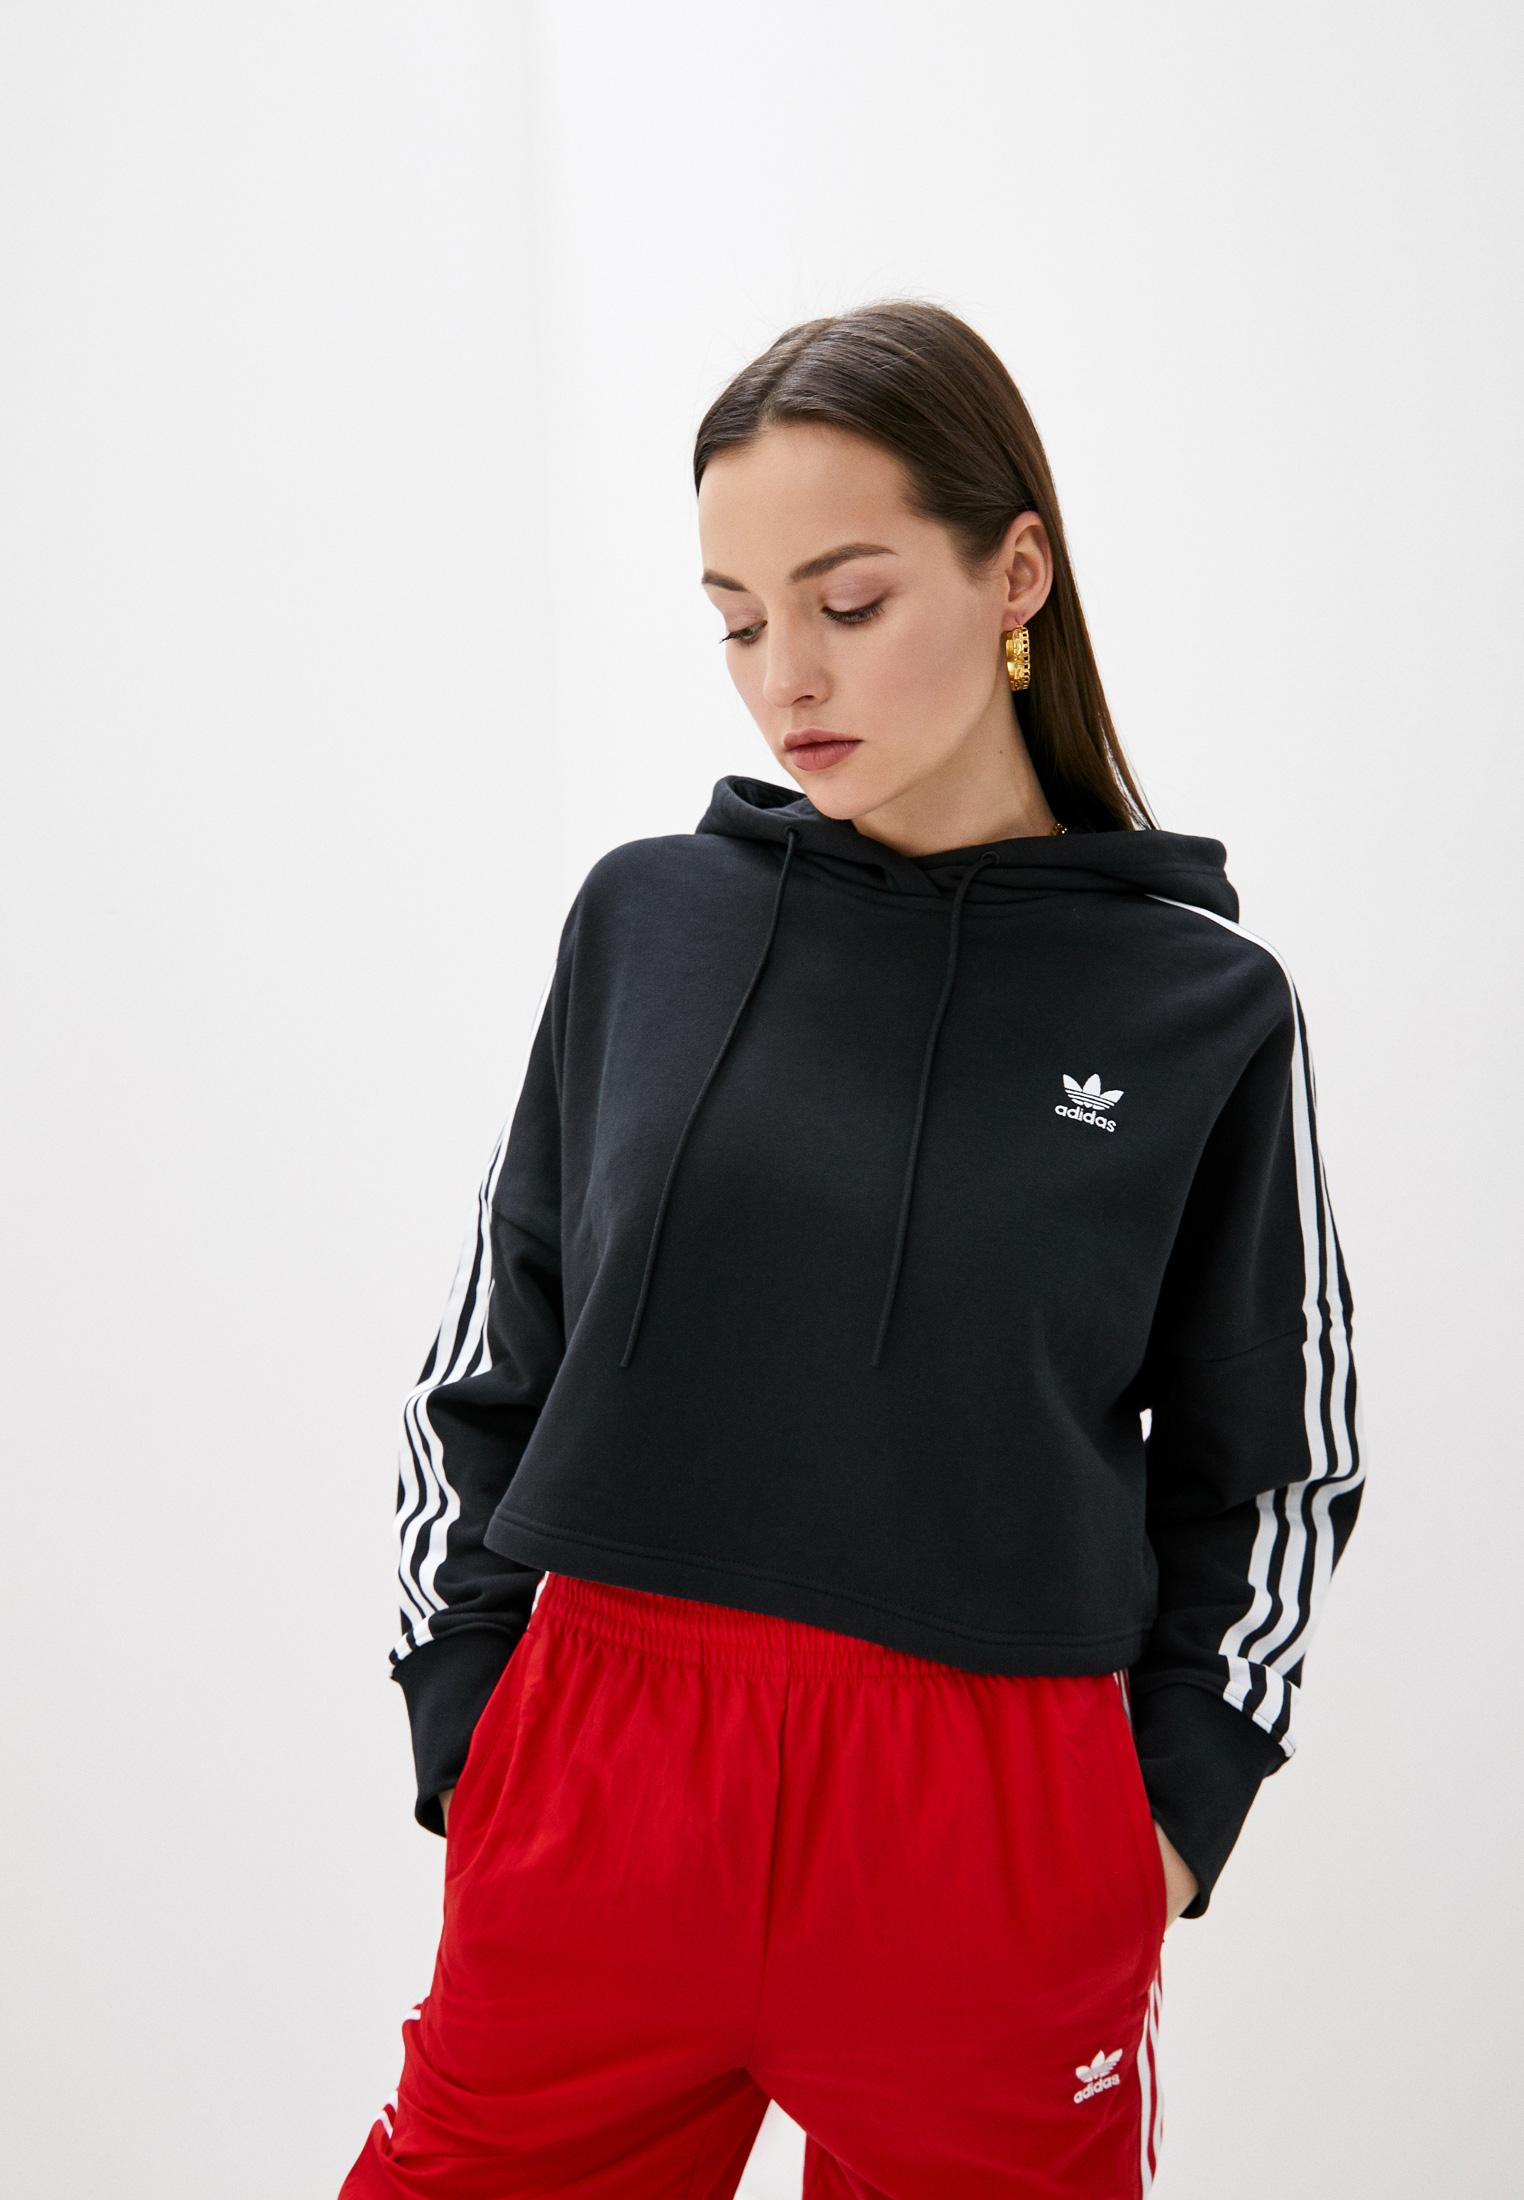 Худи adidas Originals купить за в интернет-магазине Lamoda.ru